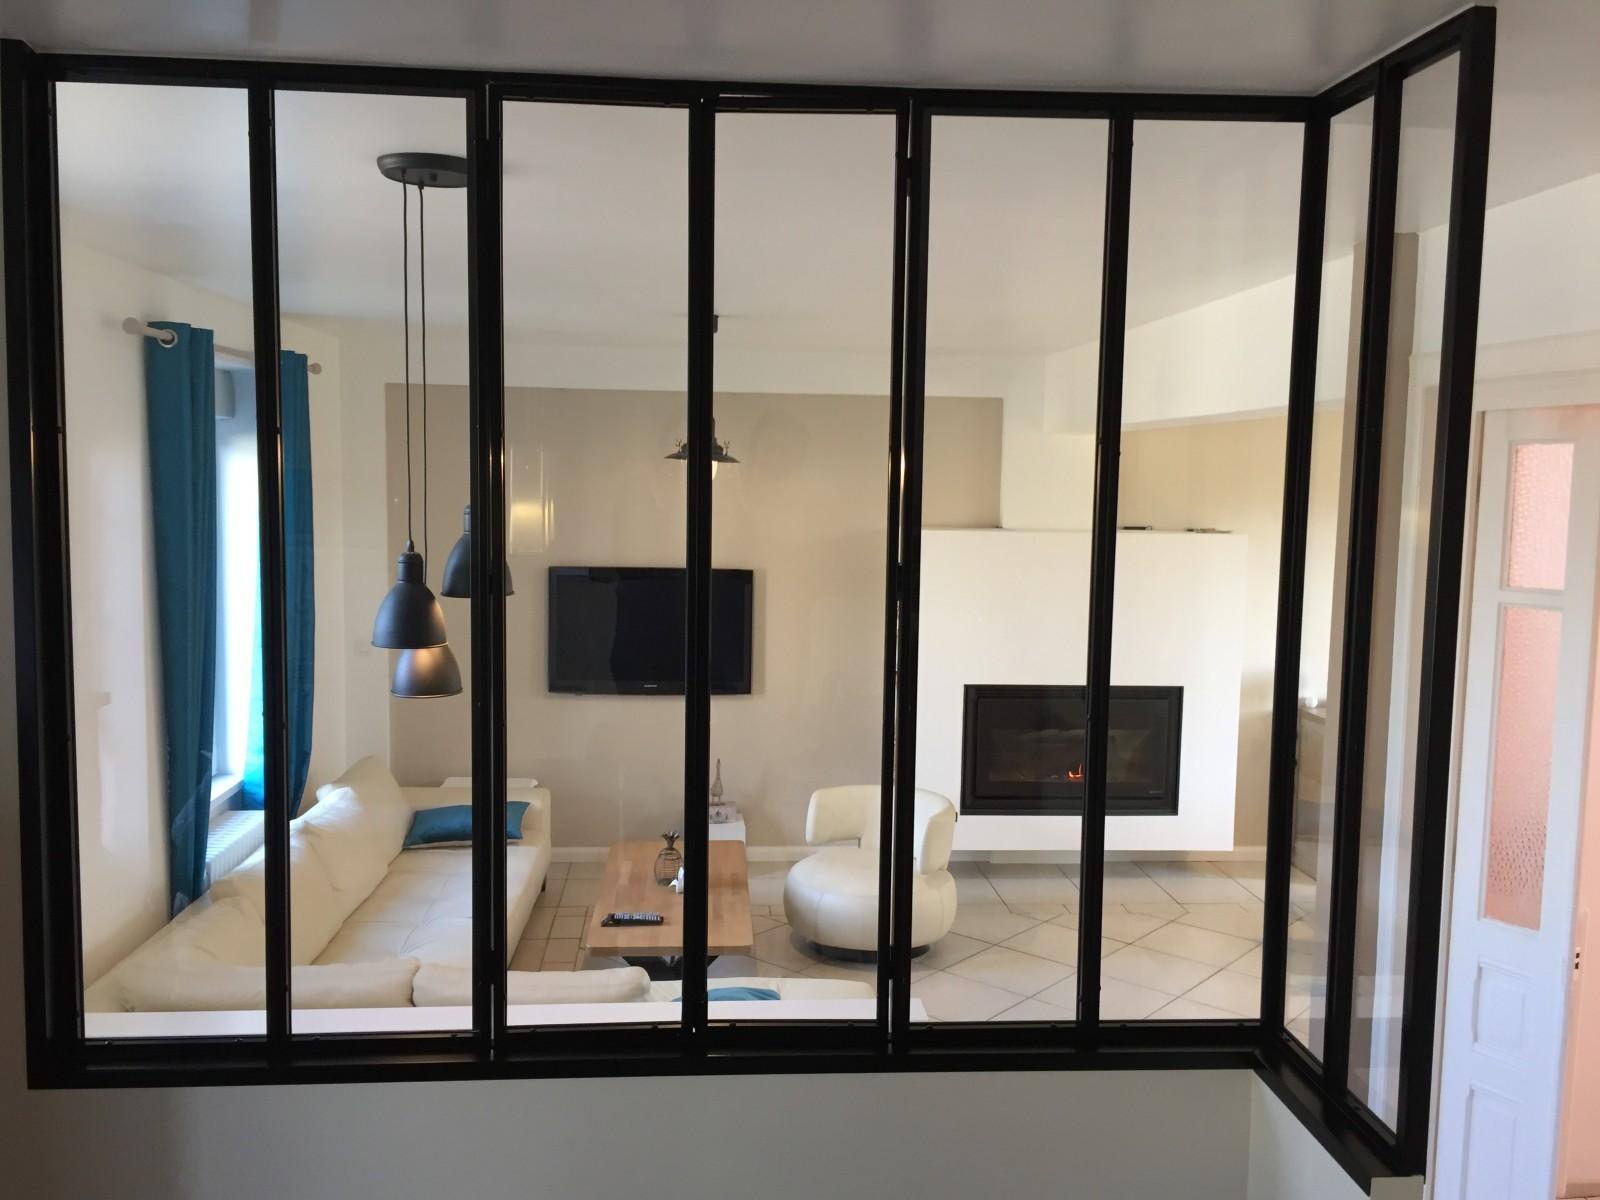 2pl verri re acier style atelier d 39 artiste ou cloison vitr e for Fenetre interieure cloison placo